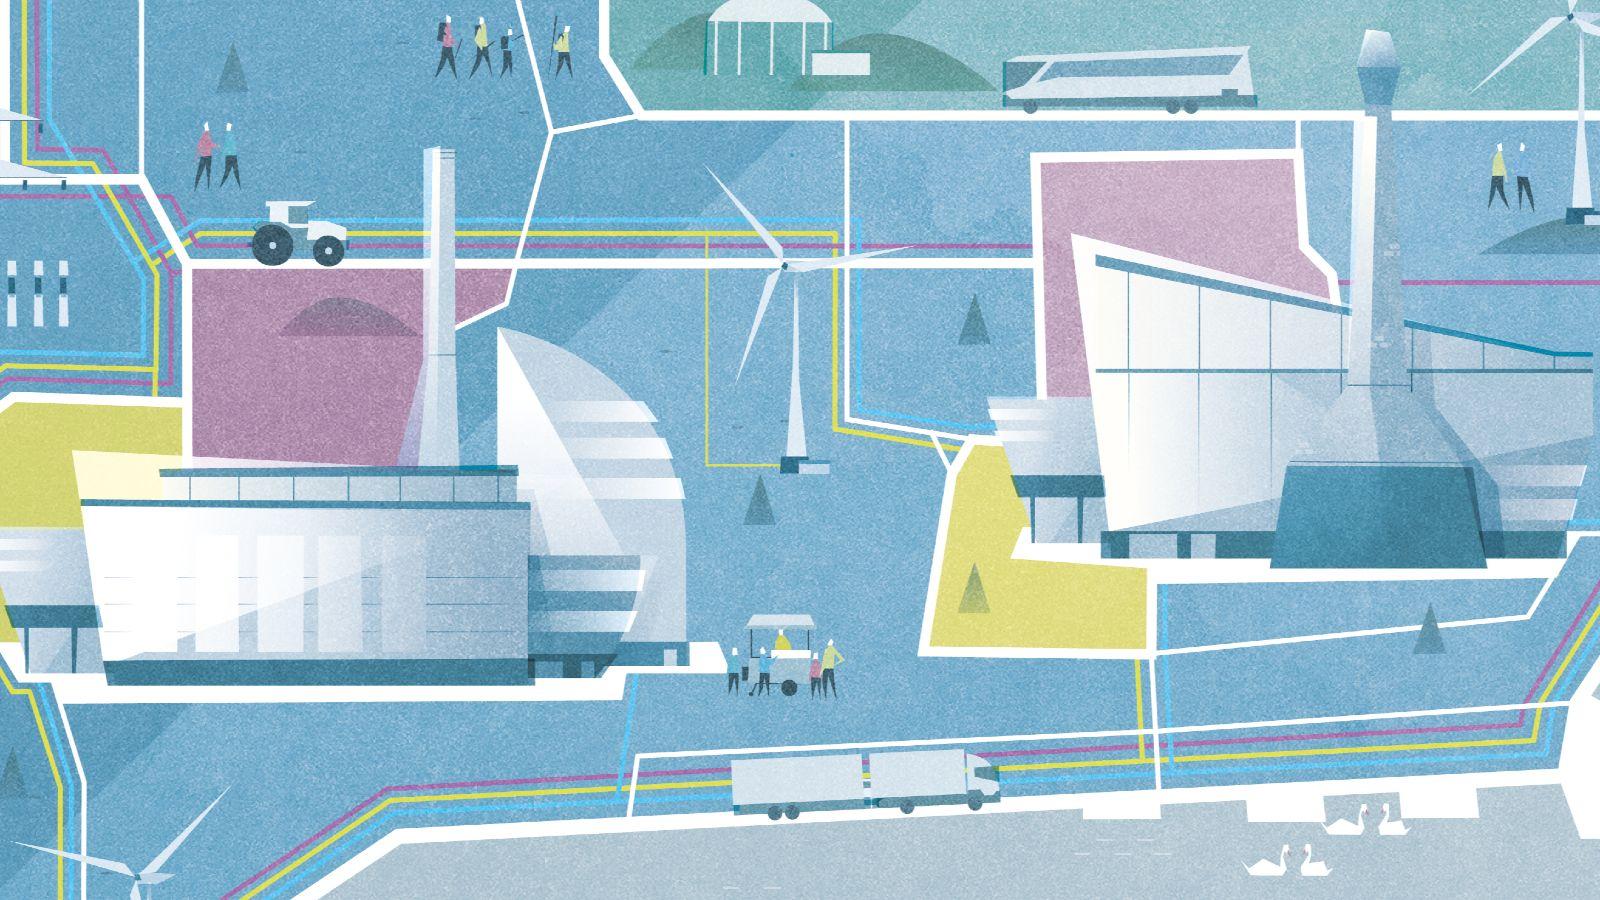 Das Bild zeigt einen Ausschnitt eines Posters, auf dem die Kopernikus-Projekte ihre Zukunftsvision darstellen.